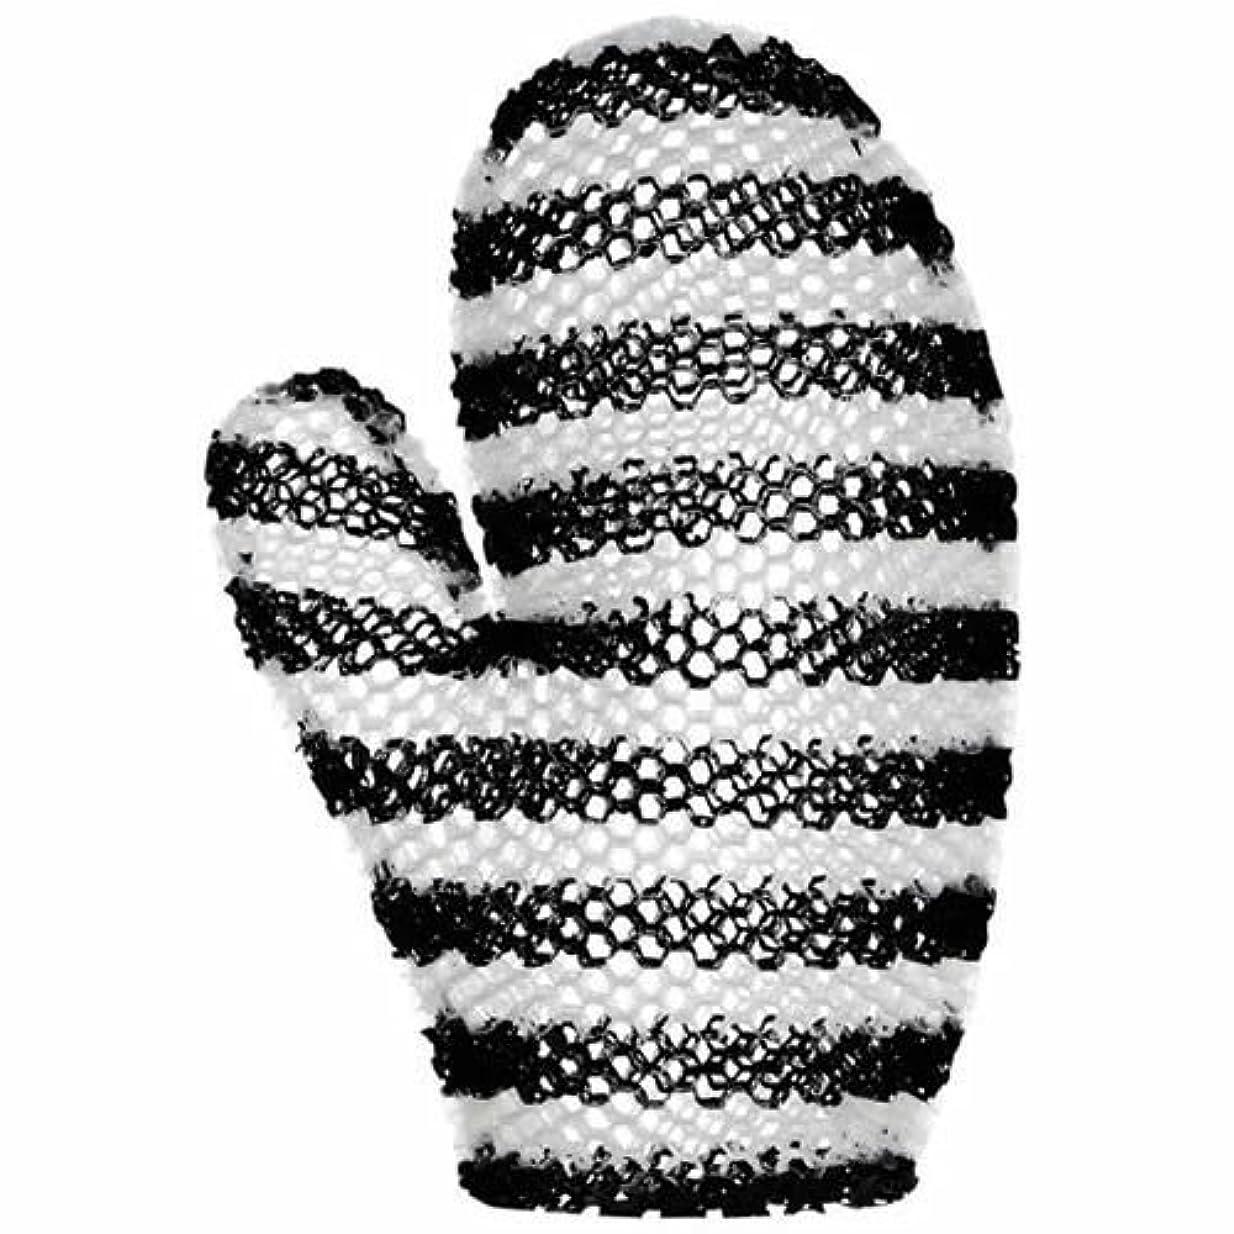 最も遠いグロー愛人スプラコール ハニカム(ミット) ブラック&ホワイト